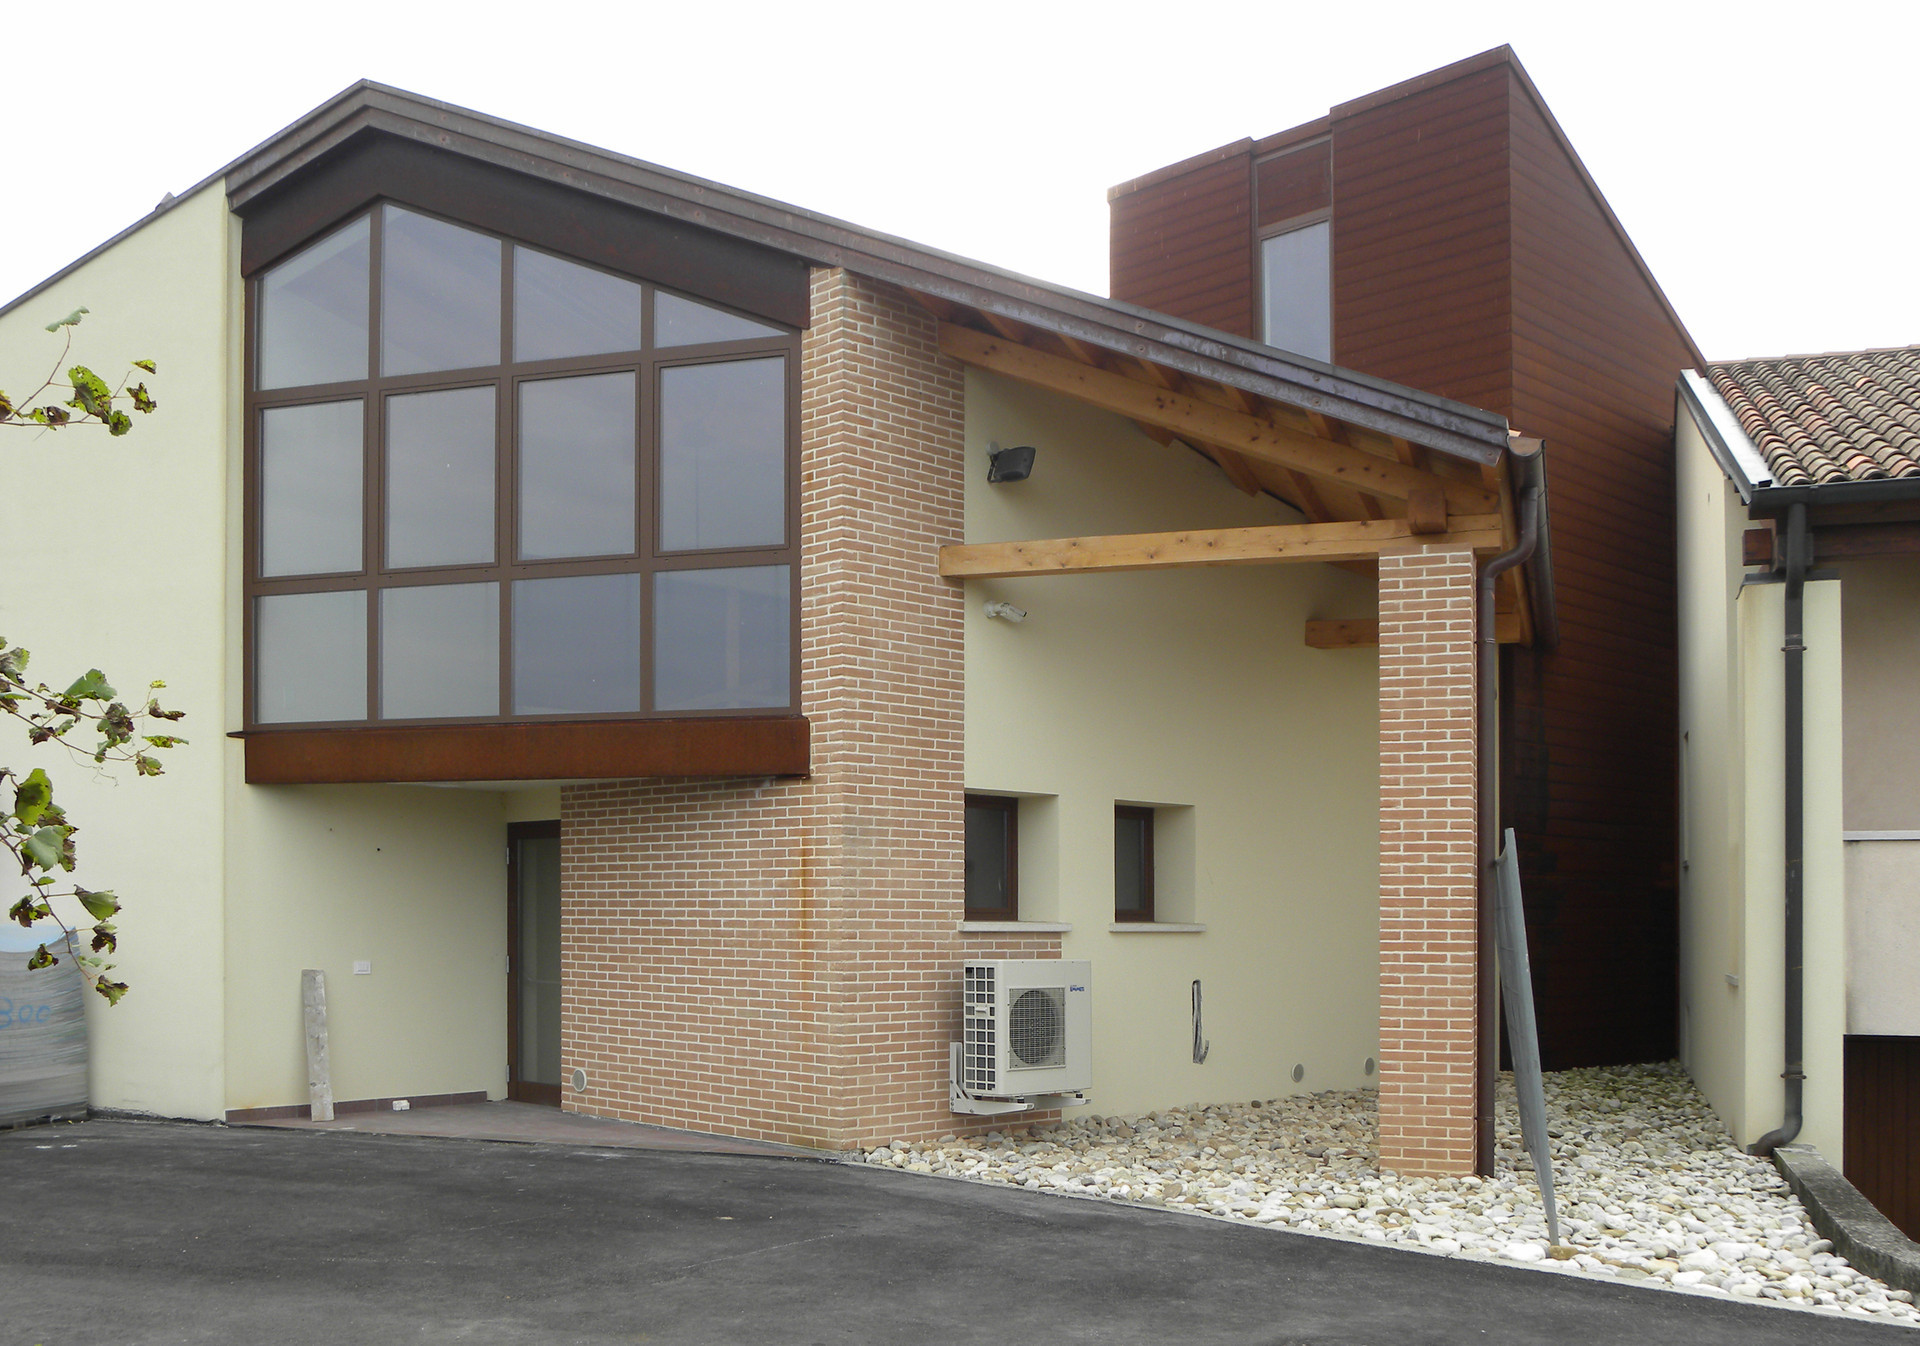 Ampliamento della cantina S.I.V.AG. a San Fior (TV) con realizzazione di un nuovo fabbricato per la vinificazione dei vini in cisterne d'acciaio, ricavo di spogliatoi e uffici al piano superiore